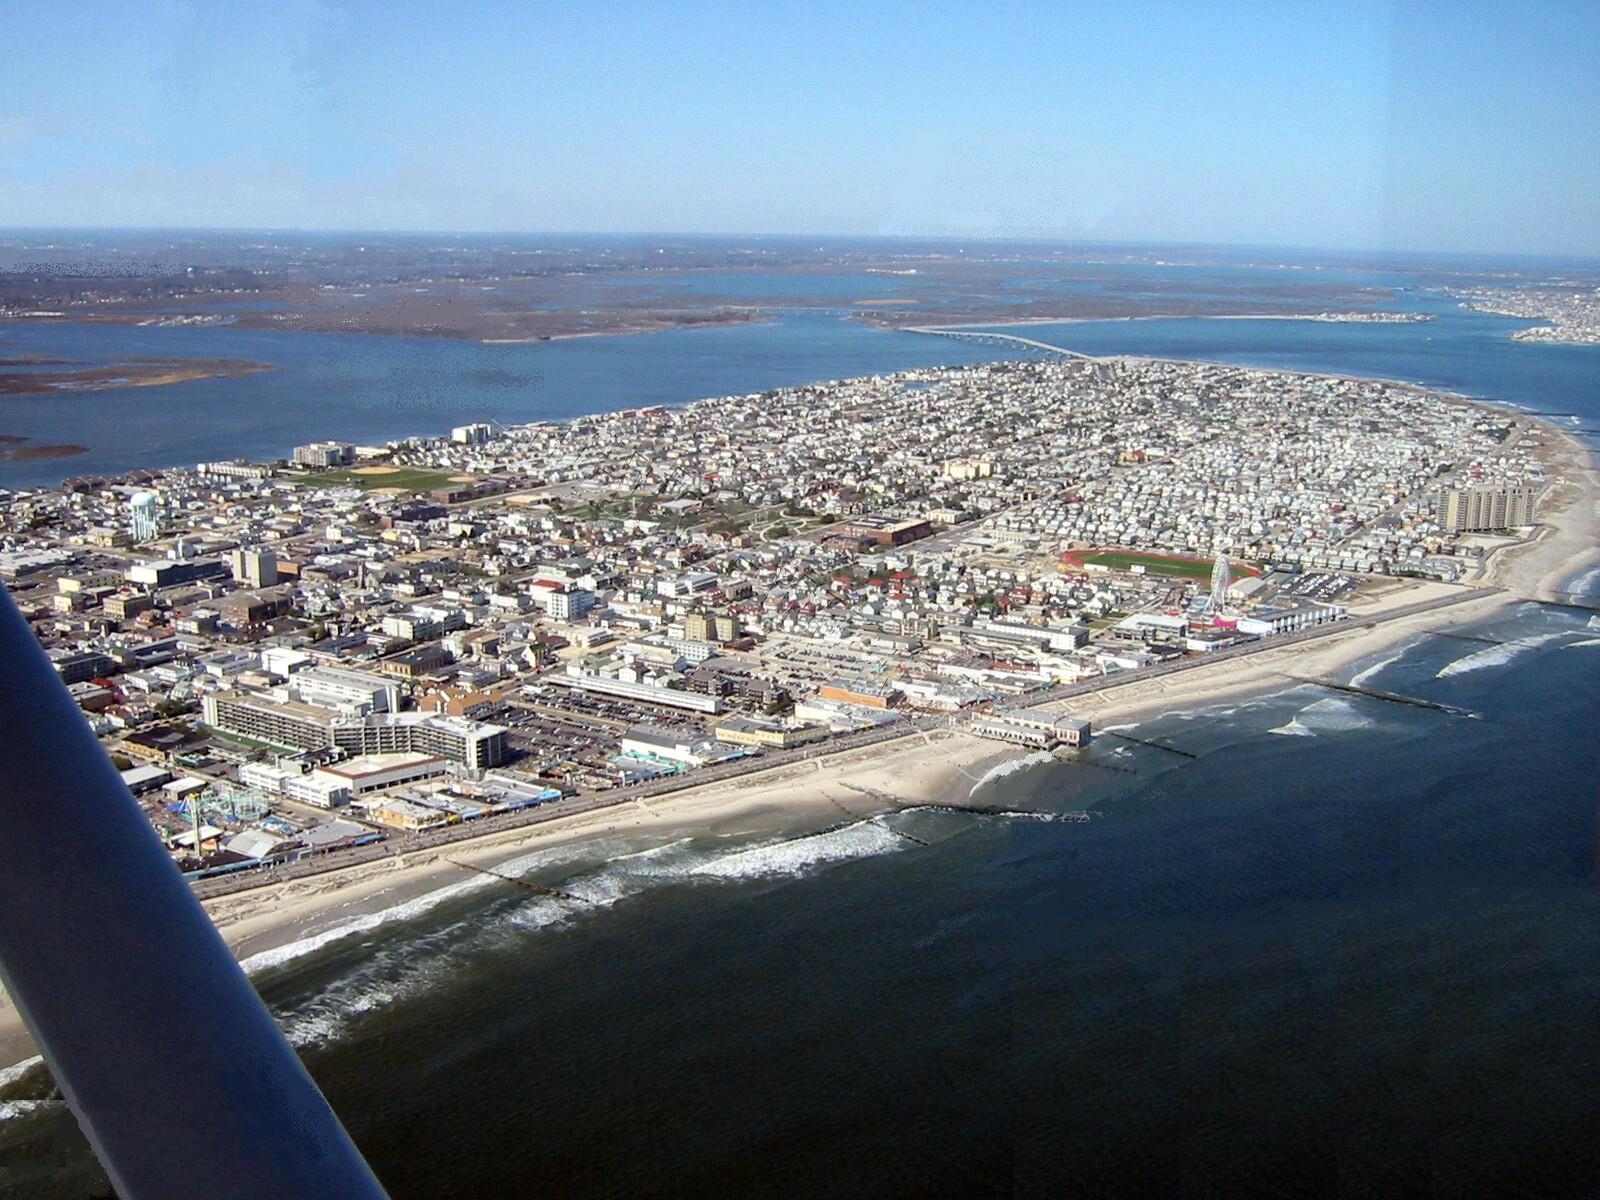 Ocean City Harbor in Ocean City, NJ, United States